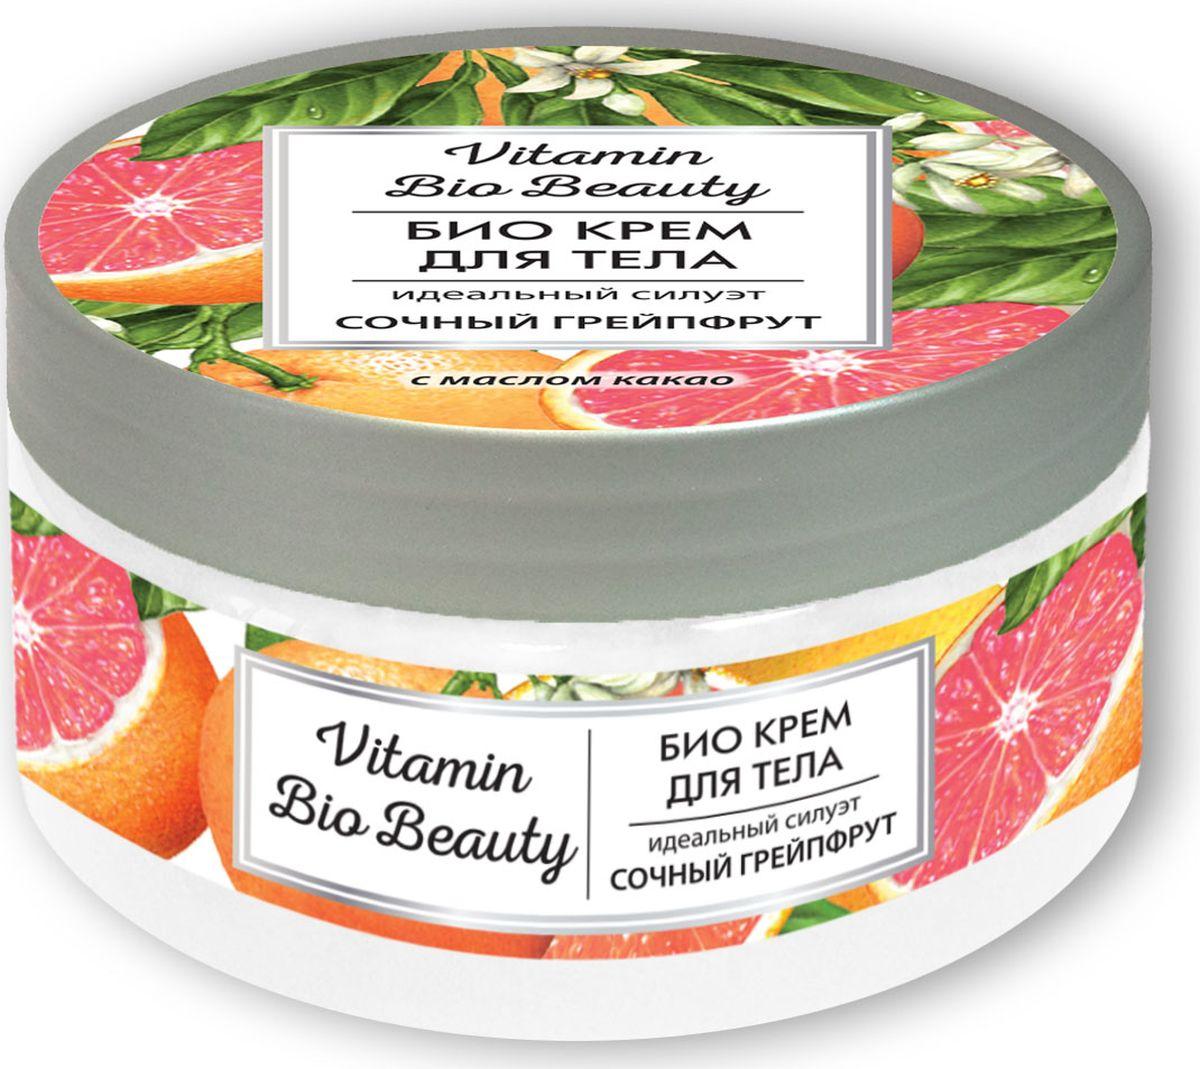 Vitamin Bio Beauty Крем для тела сочный грейпфрут идеальный силуэт, 250 мл215-030-93861Vitamin Bio Beauty Крем для тела сочный грейпфрут идеальный силуэт 250мл с освежающим и тонизирующим ароматом грейпфрута способствует улучшению контуров тела, дарит длительное ощущение увлажненности и комфорта. Натуральные цитрусовые экстракты в составе крема обладают мощным подтягивающим действием. Масло какао отлично питает и увлажняет, делая кожу упругой, гладкой и сияющей. Аромат грейпфрута вызывает чувство эйфории, он полезен для придания тонуса. Крем «Сочный грейпфрут» - источник красоты Вашей кожи.